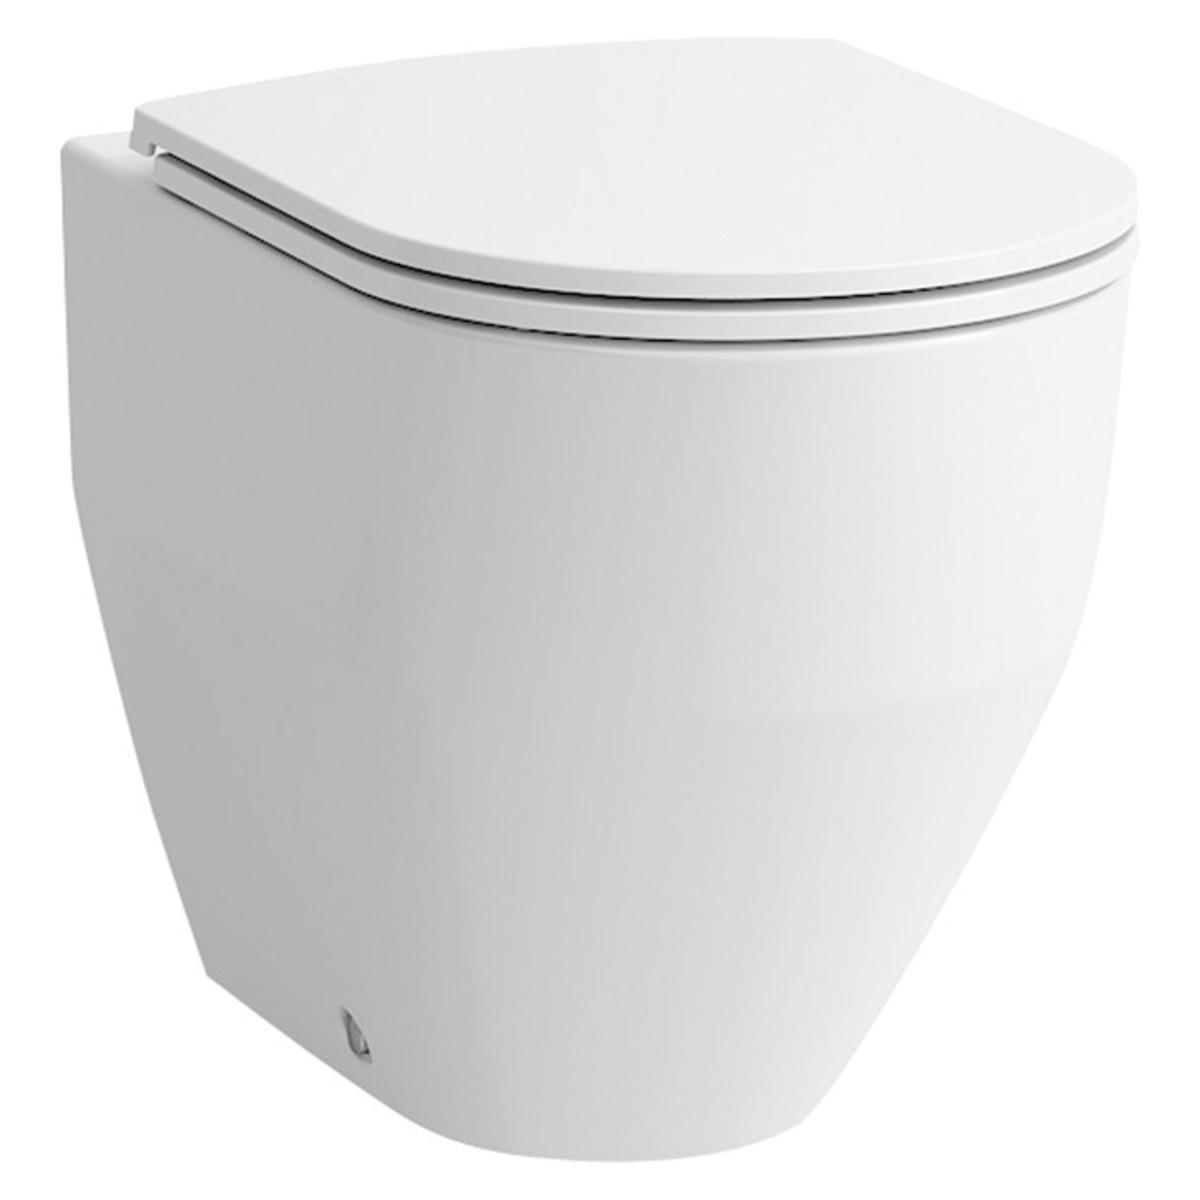 Bild 2 von Laufen Pro WC-Sitz